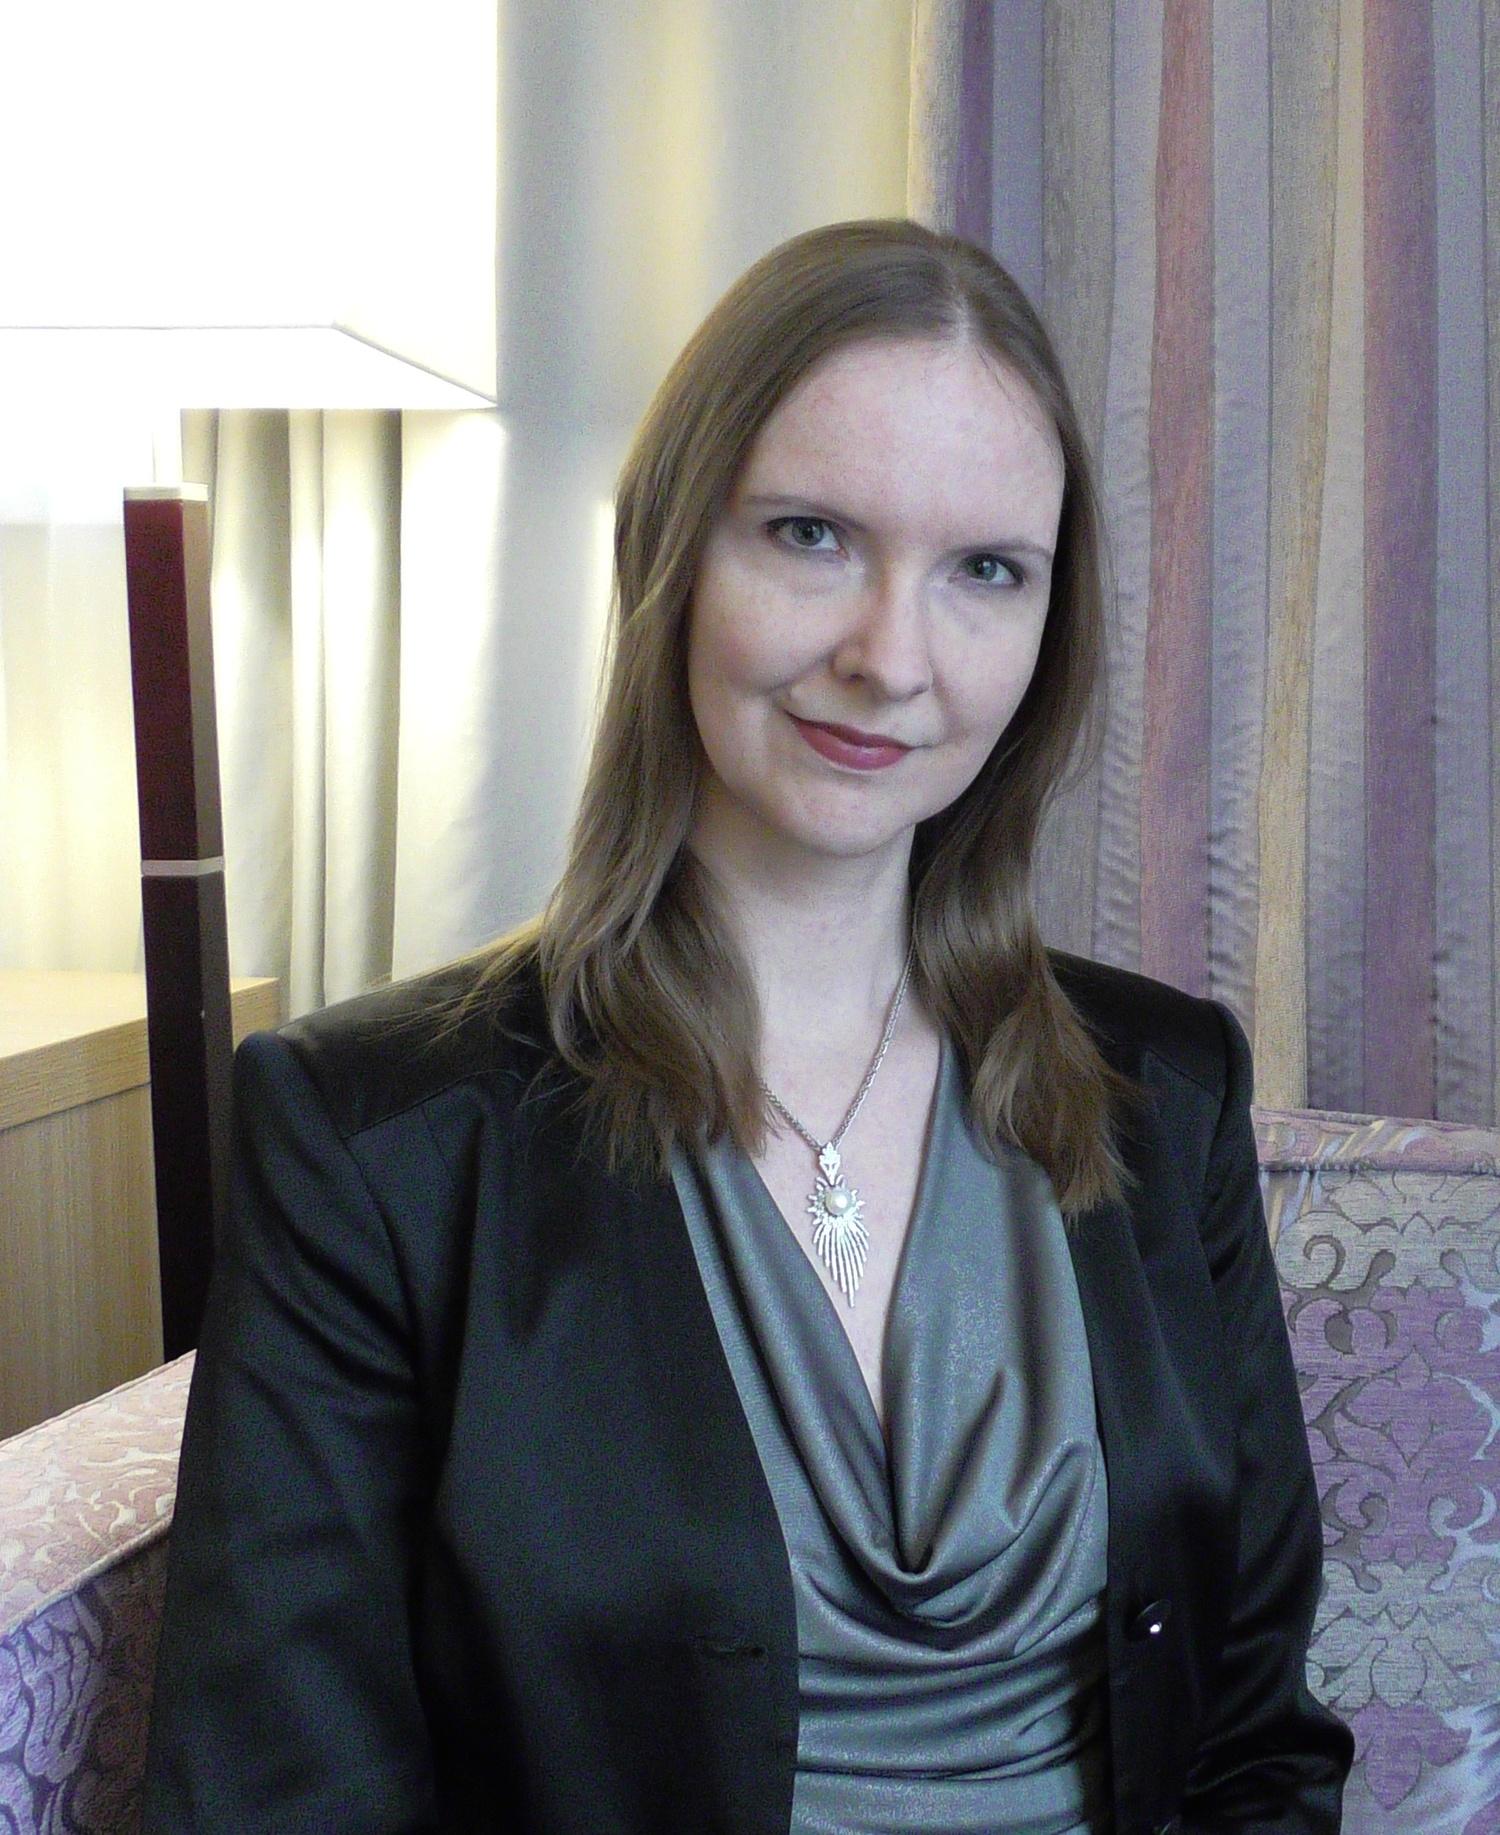 Интервью с Еленой Миловой – членом Совета Директоров Life Extension Advocacy Foundation и Lifespan.io - 1